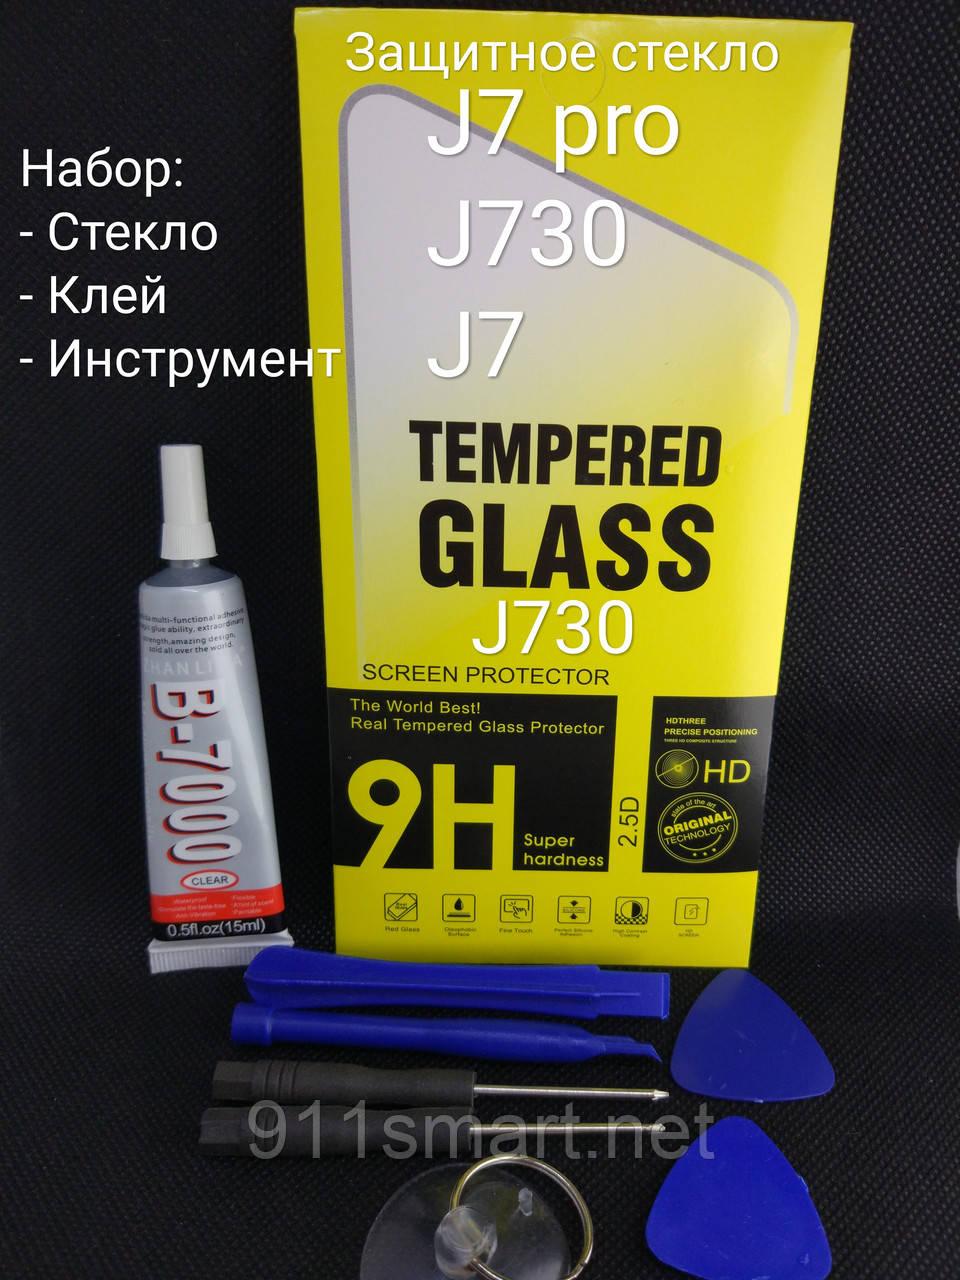 Защитное стекло Samsung Galaxy J7, J7 pro,J730клей, инструмент